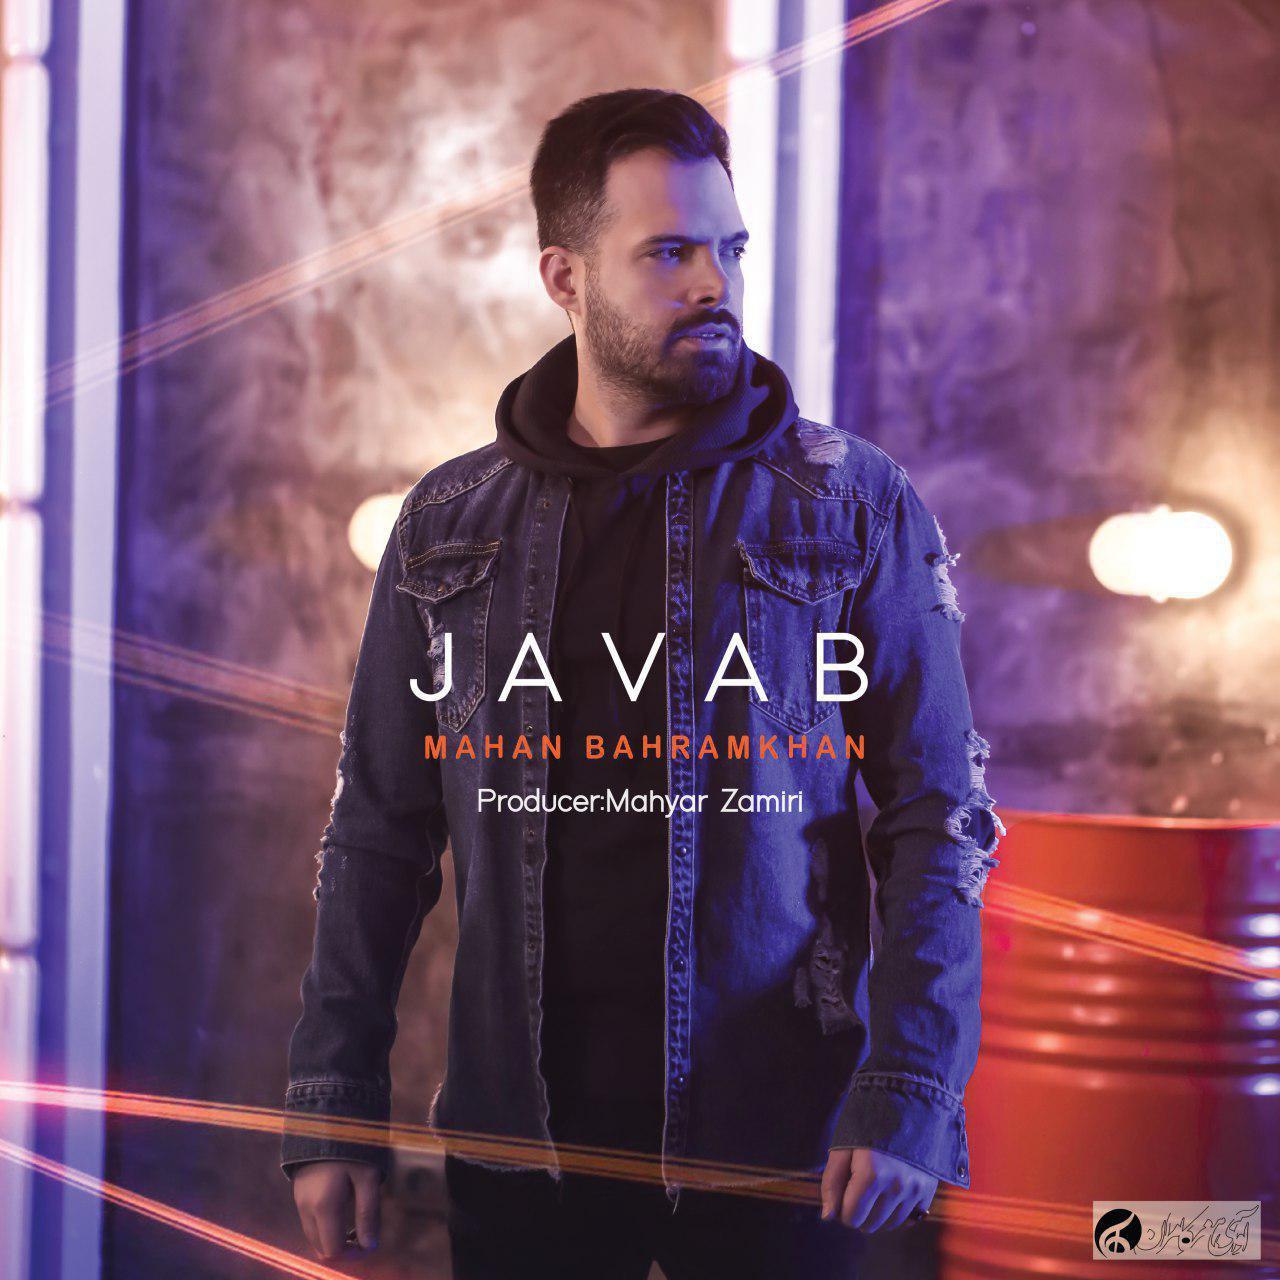 Mahan Bahramkhan – Javab